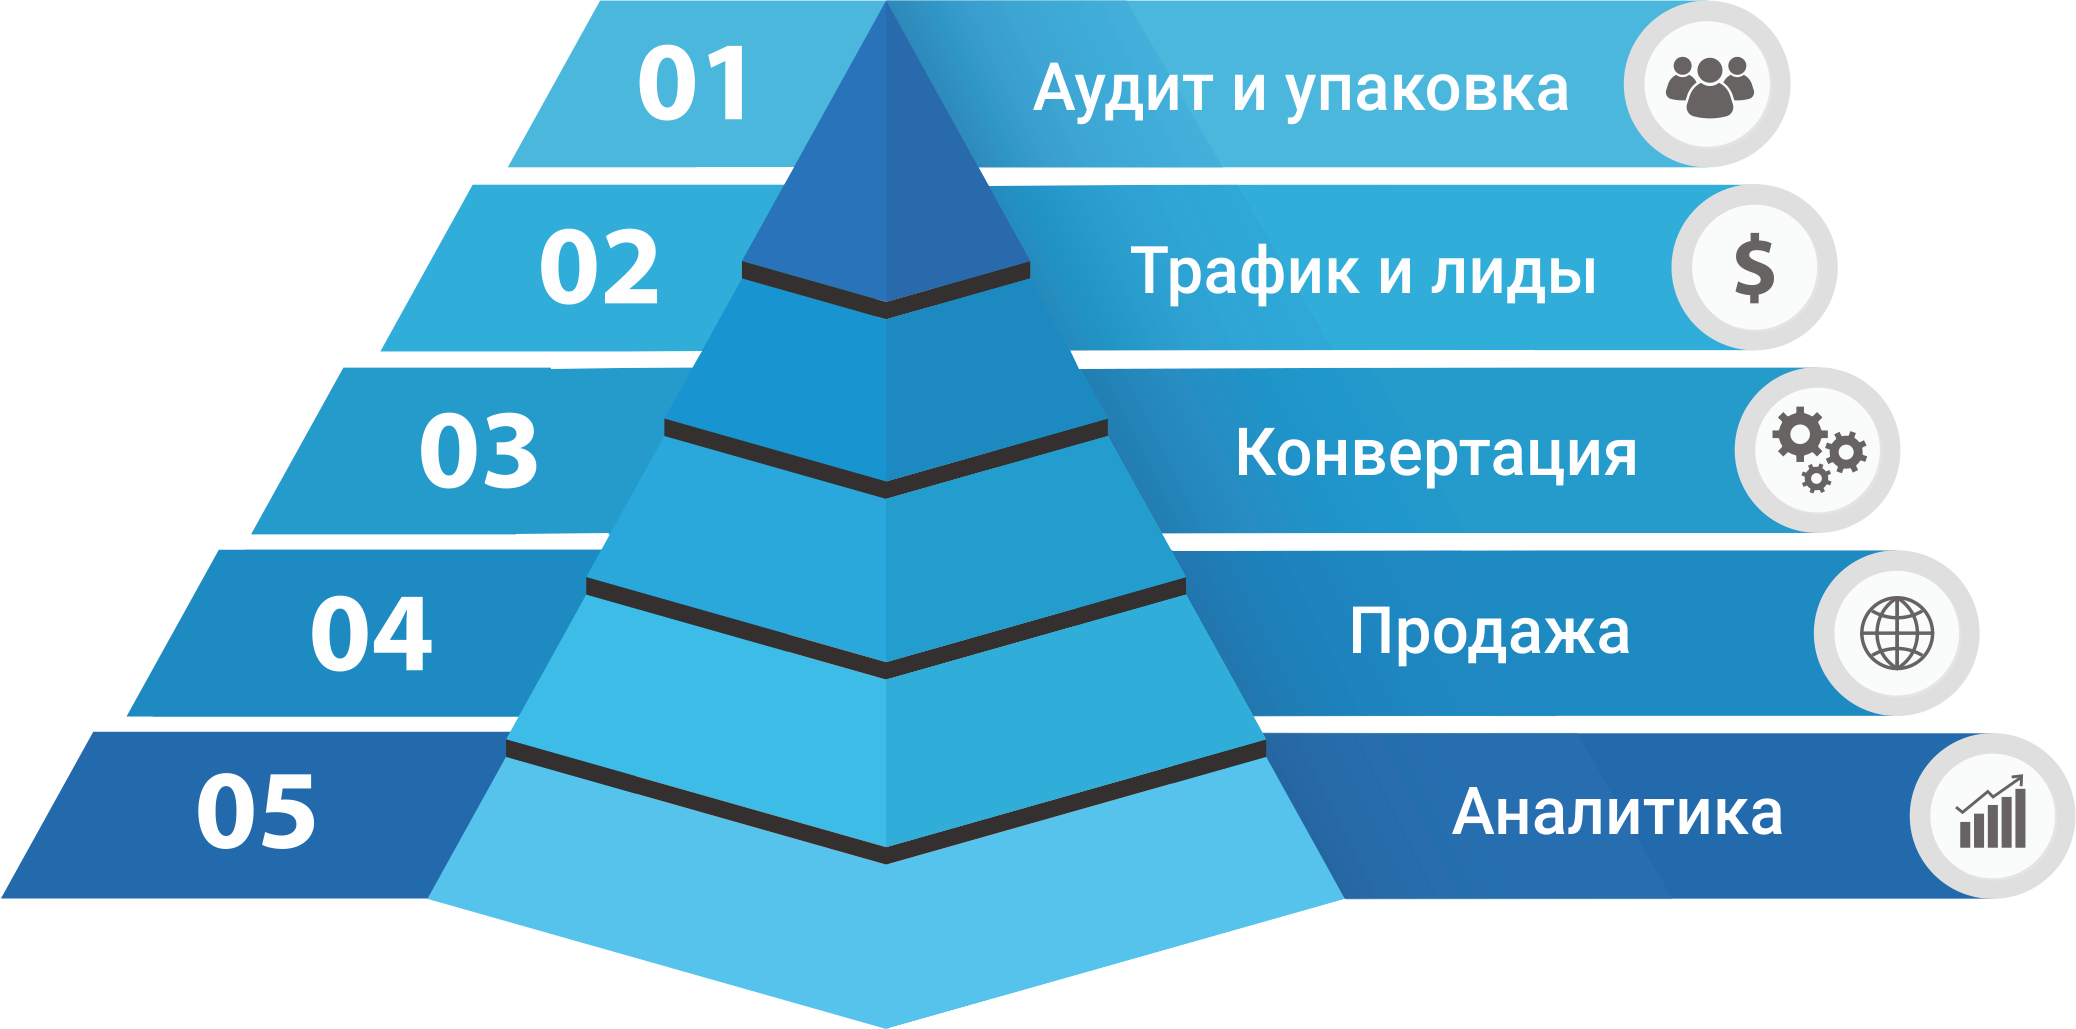 Пирамида с воронкой для страницы пакетов комплексного продвижения без фона